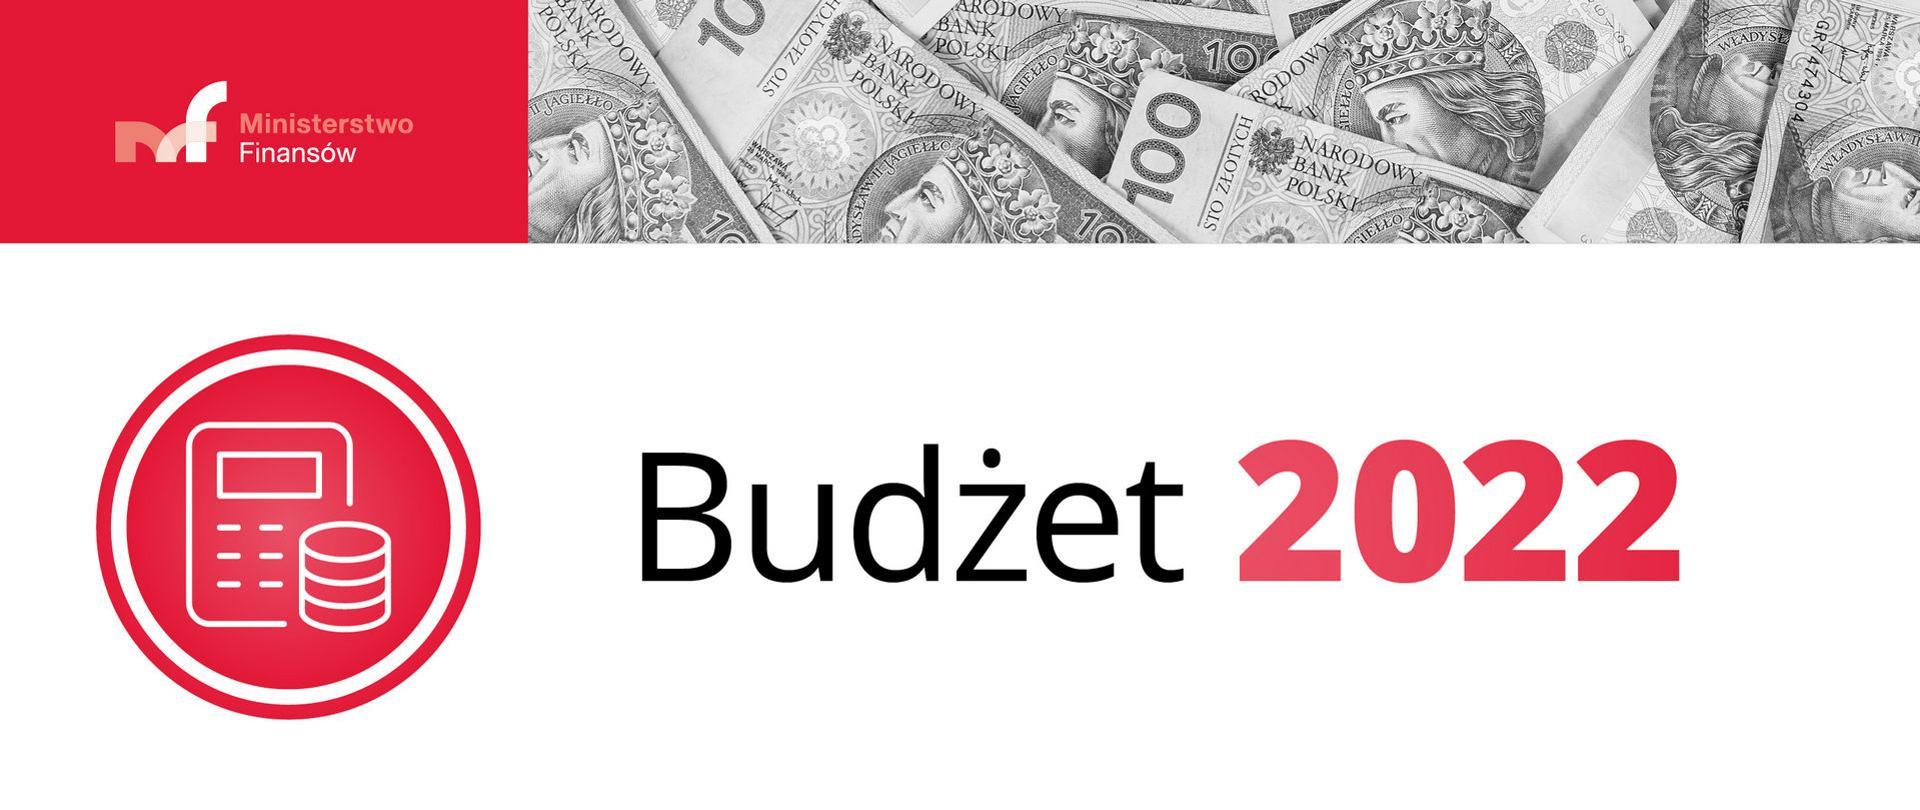 Budżet na 2022 r. wsparciem dla rozwoju gospodarki - Grafika z logo MF, banknotami i napisem Budżet 2022.